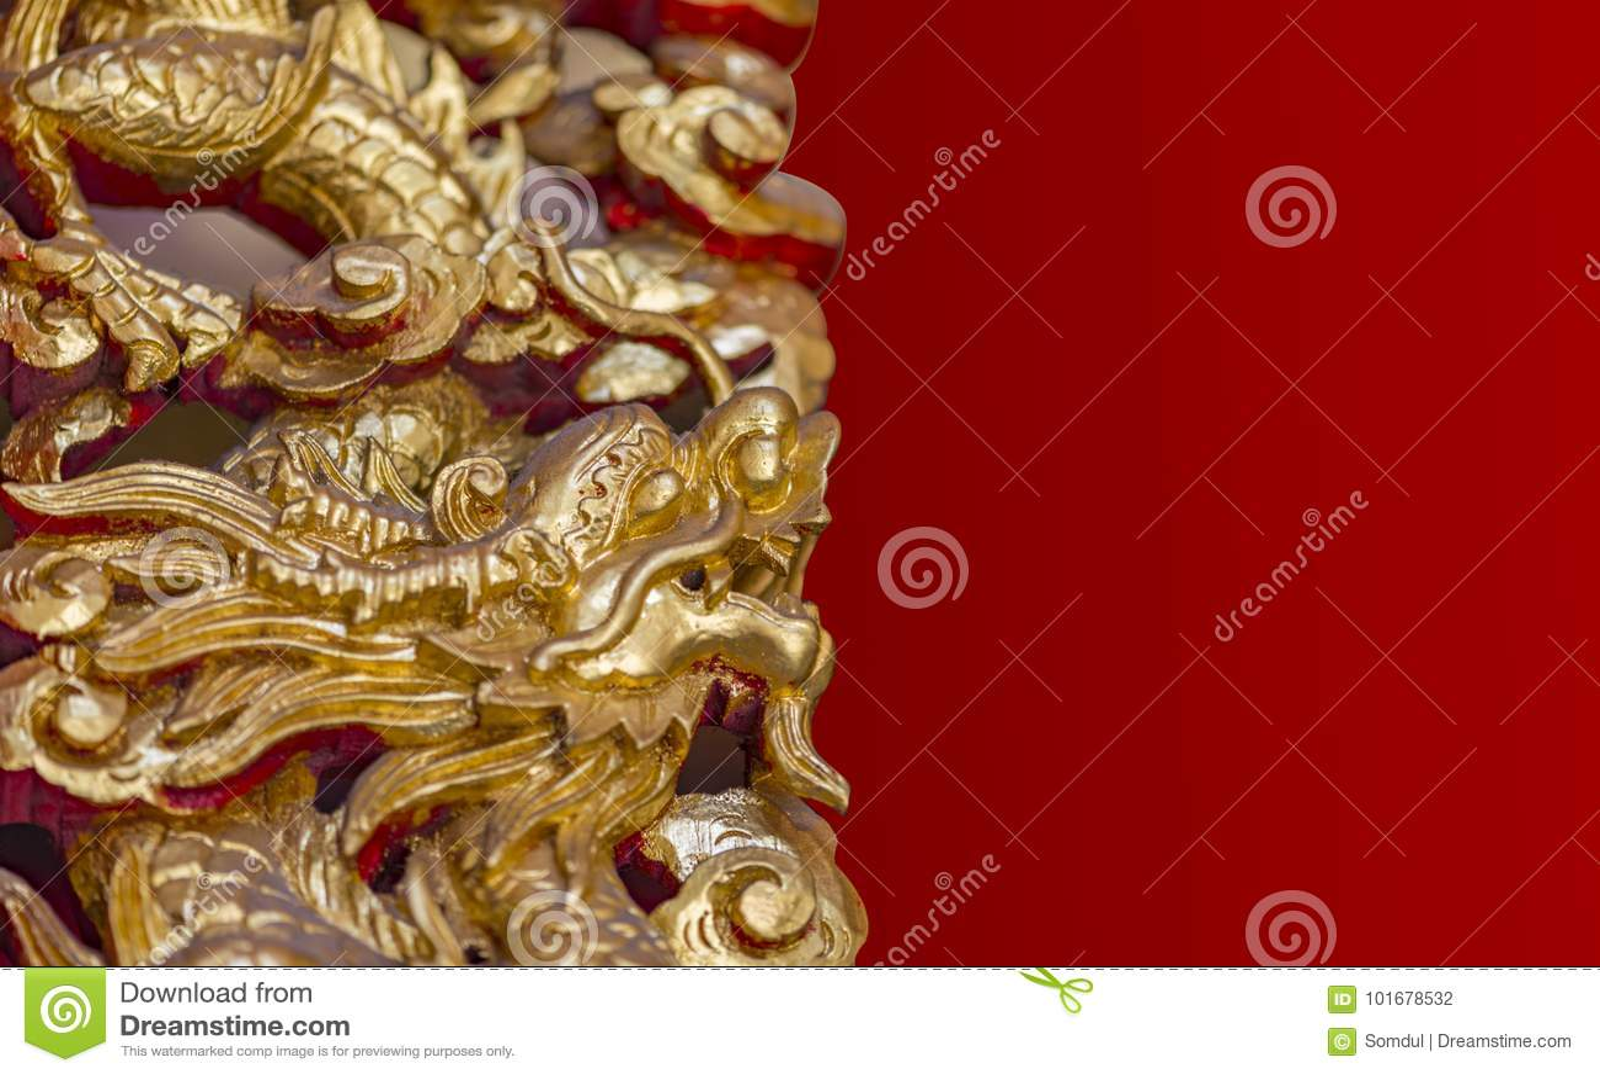 свадебные картинки с золотом драконе